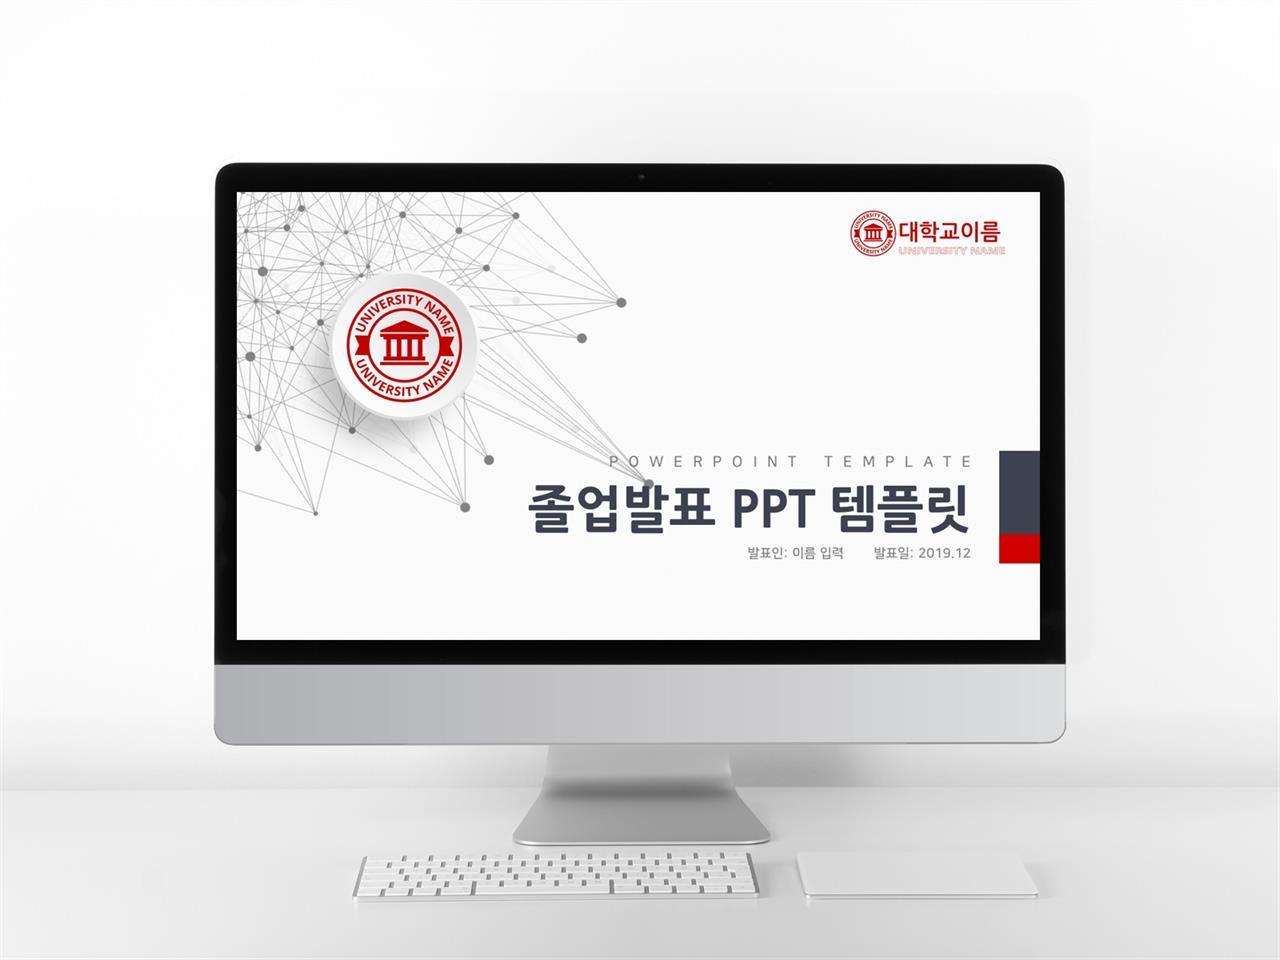 논문심사 홍색 베이직 프레젠테이션 파워포인트양식 만들기 미리보기